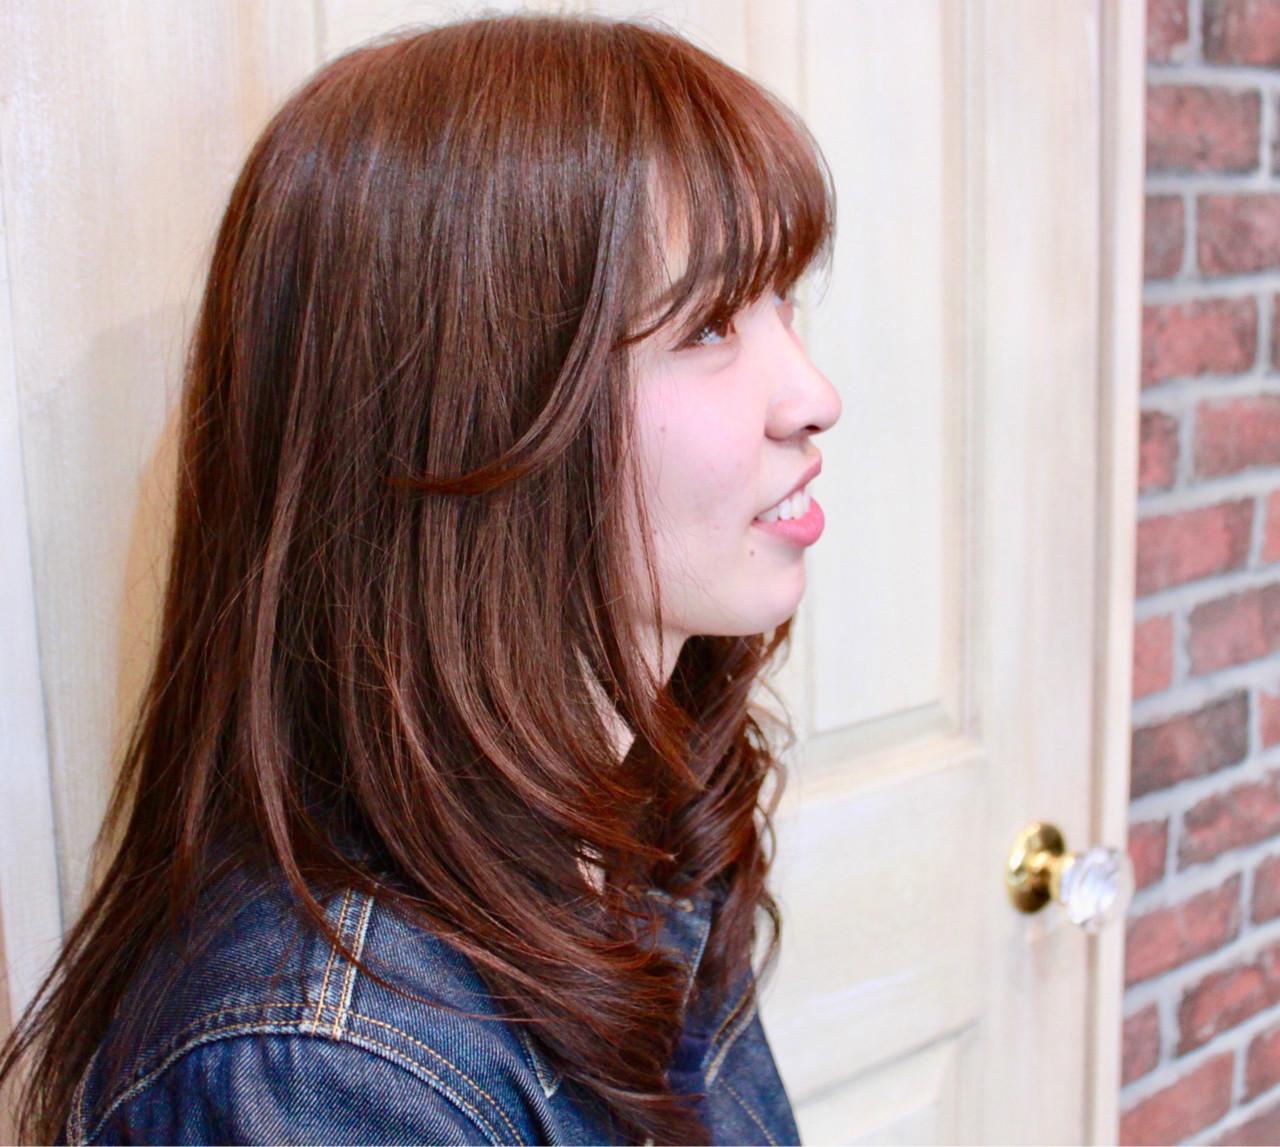 ロング ワンカール 大人女子 アメジスト ヘアスタイルや髪型の写真・画像